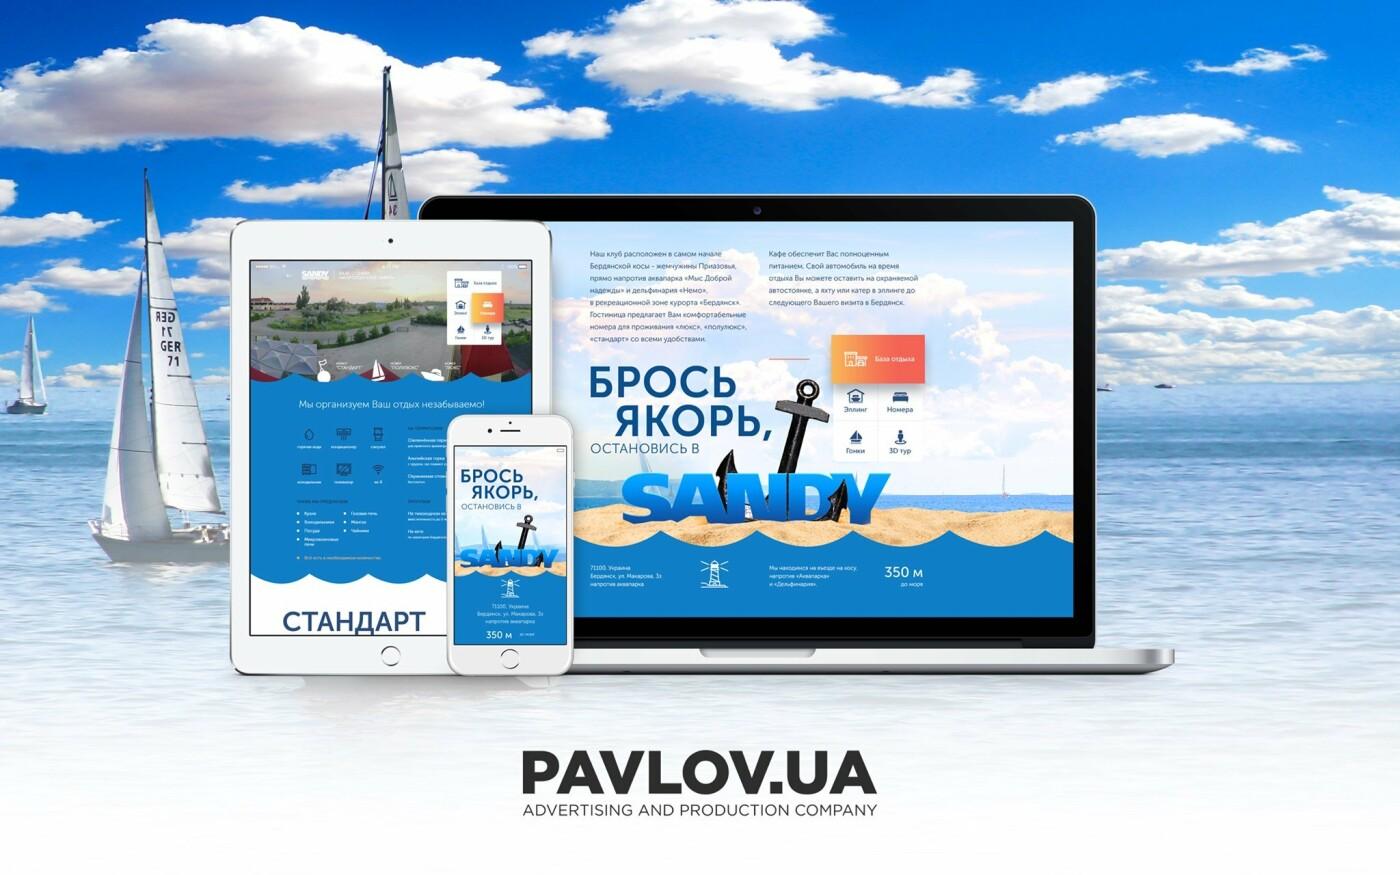 Компанія Pavlov.ua увійшла в ТОП 100 кращих digital-агентств України, фото-21